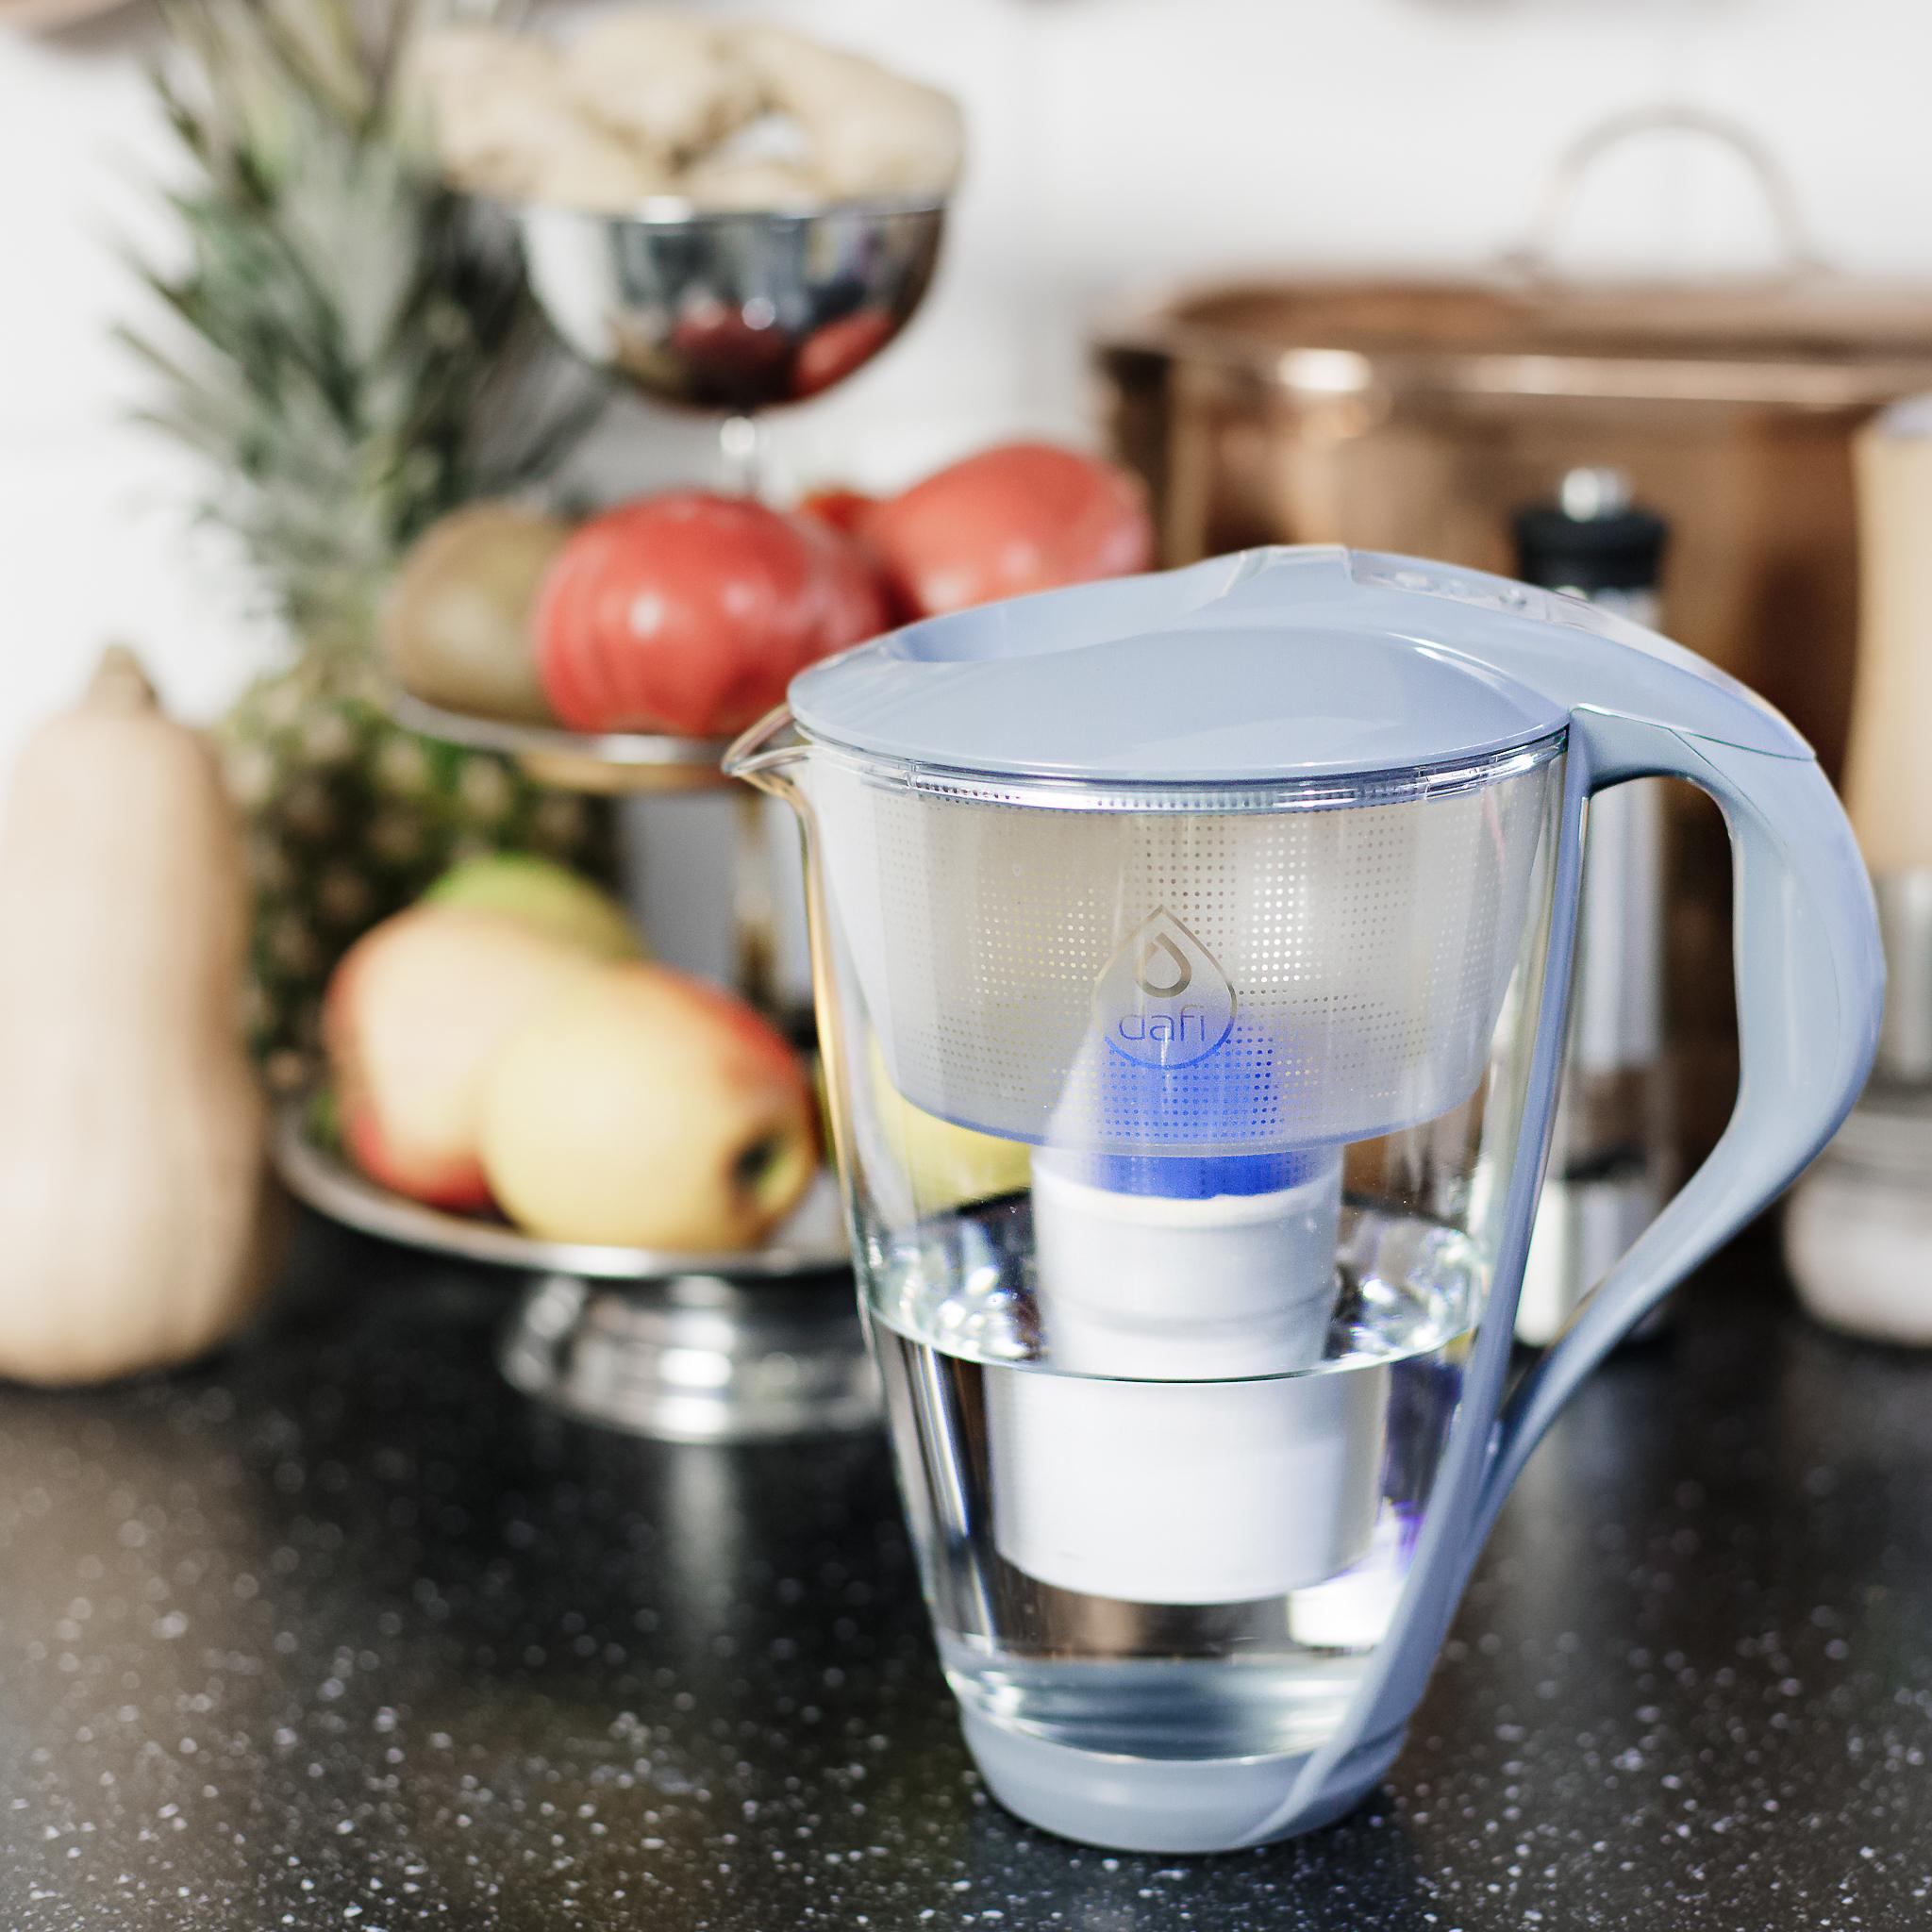 Na jakiej zasadzie działa dzbanek do filtrowania wody – jak wybrać najlepszy?